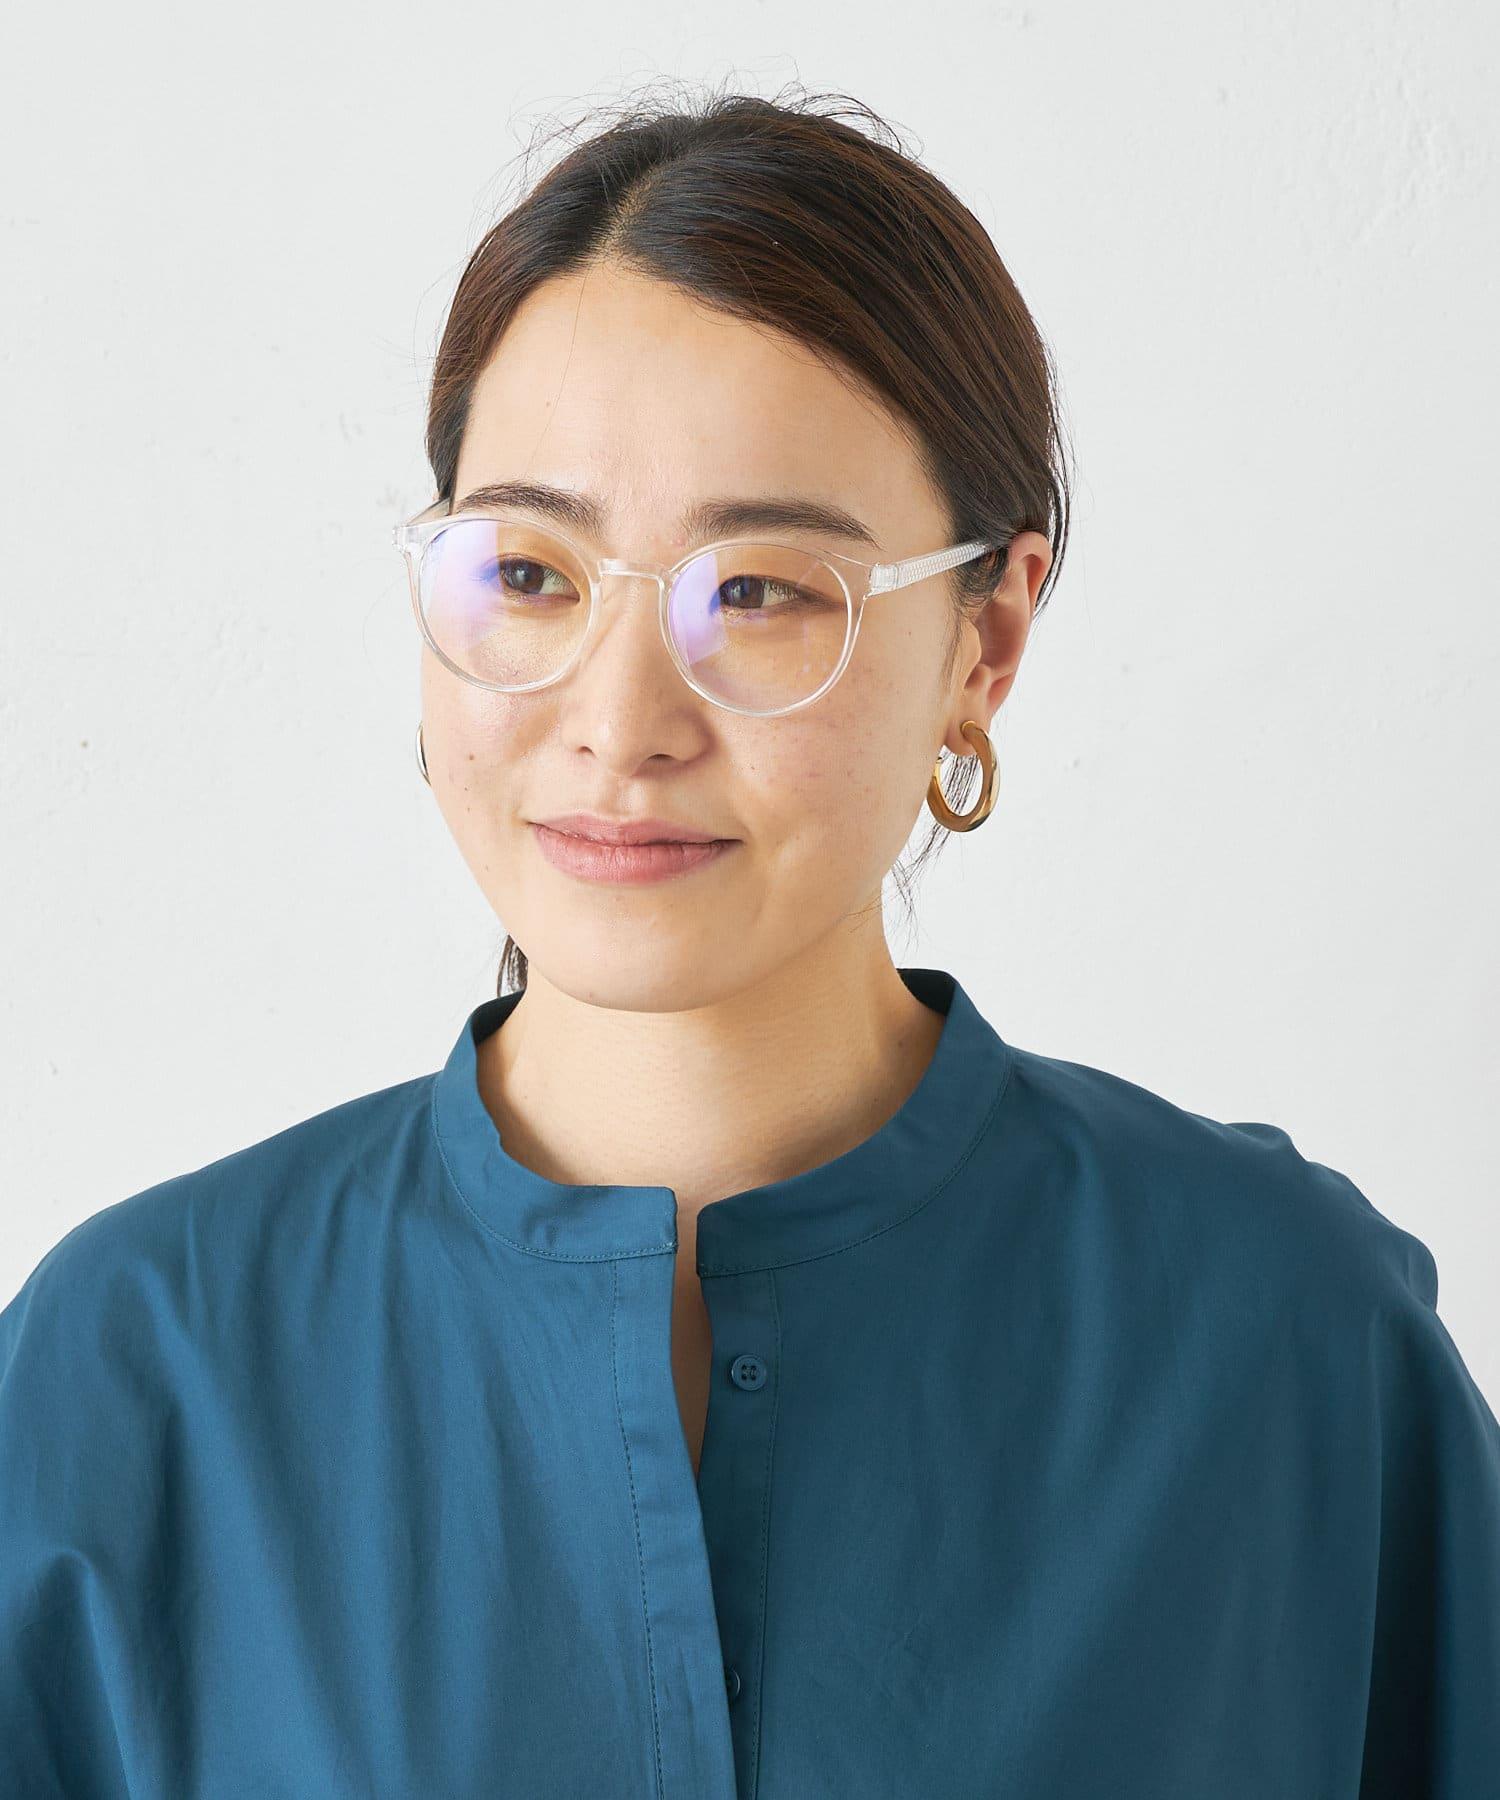 BONbazaar(ボンバザール) 【Edge Style】PC glasses ESPC-204-3